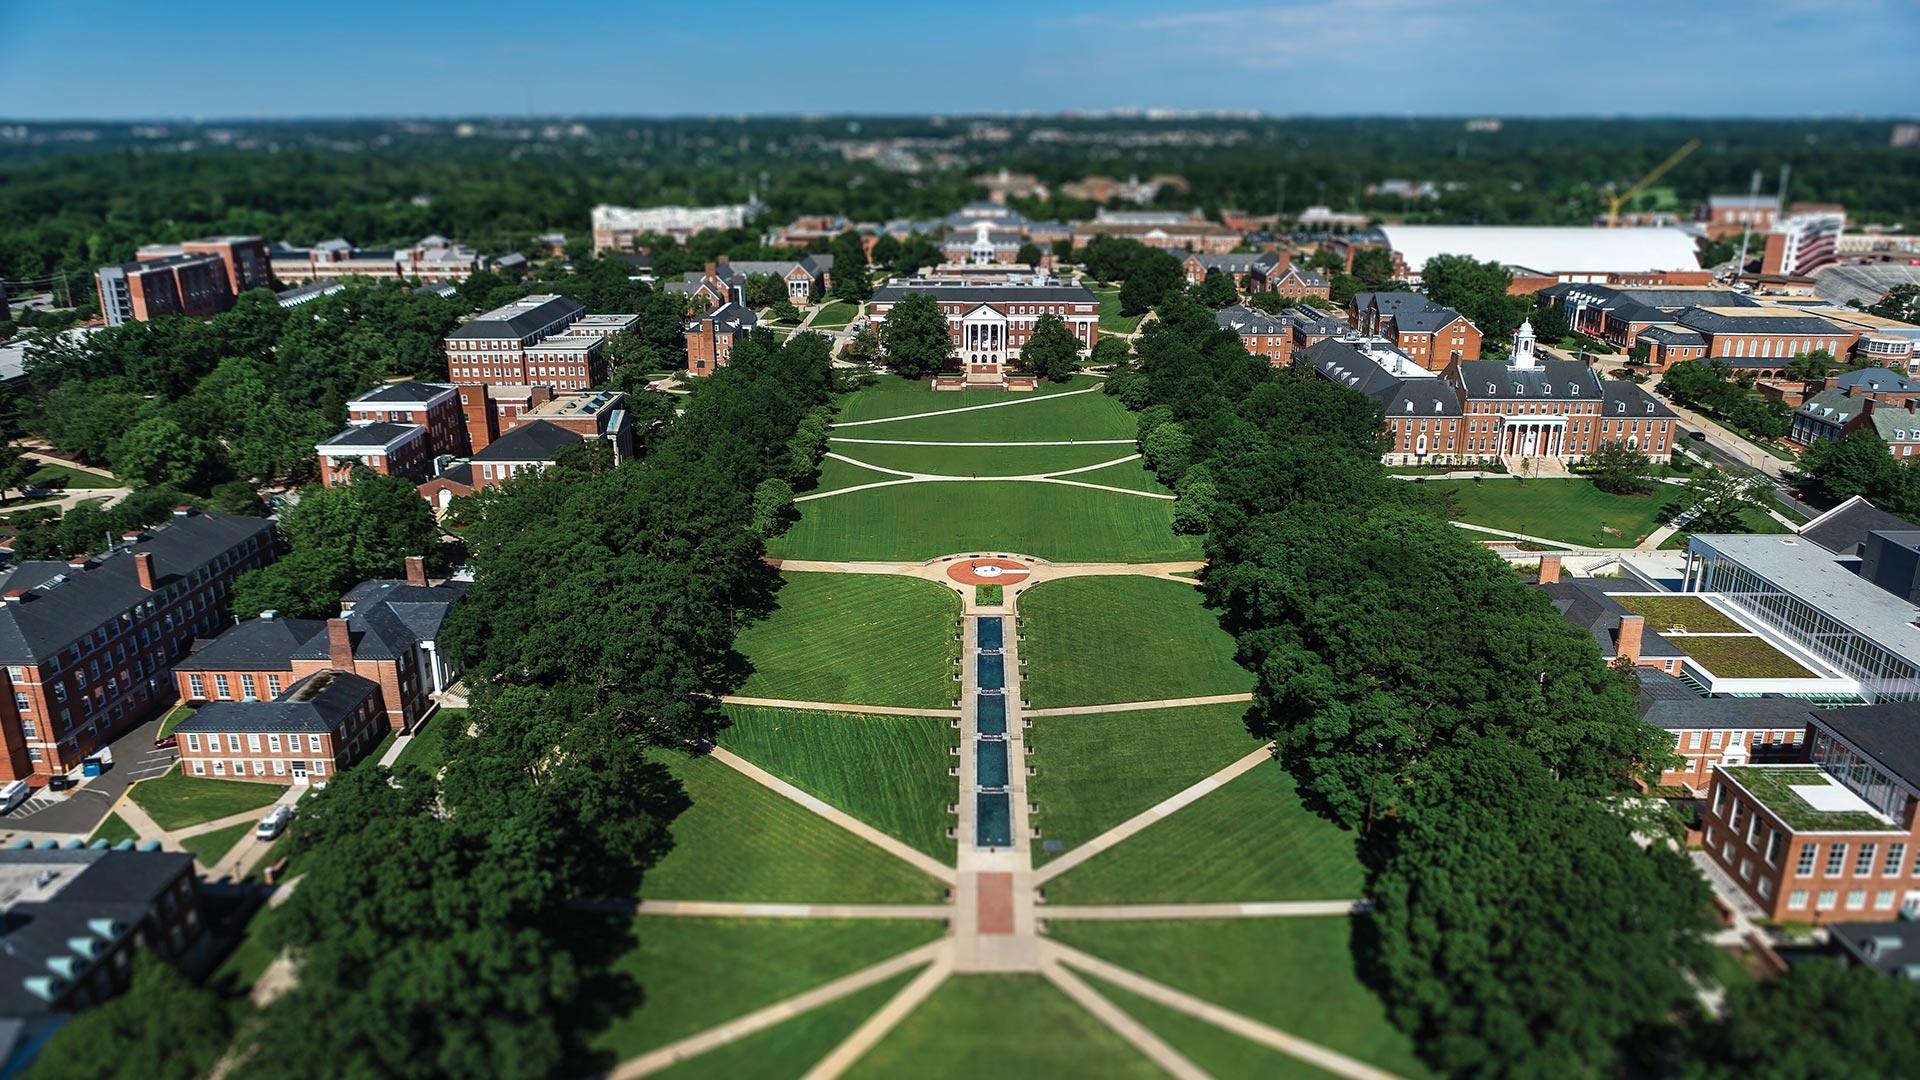 Campus Aerial of McKeldin Mall